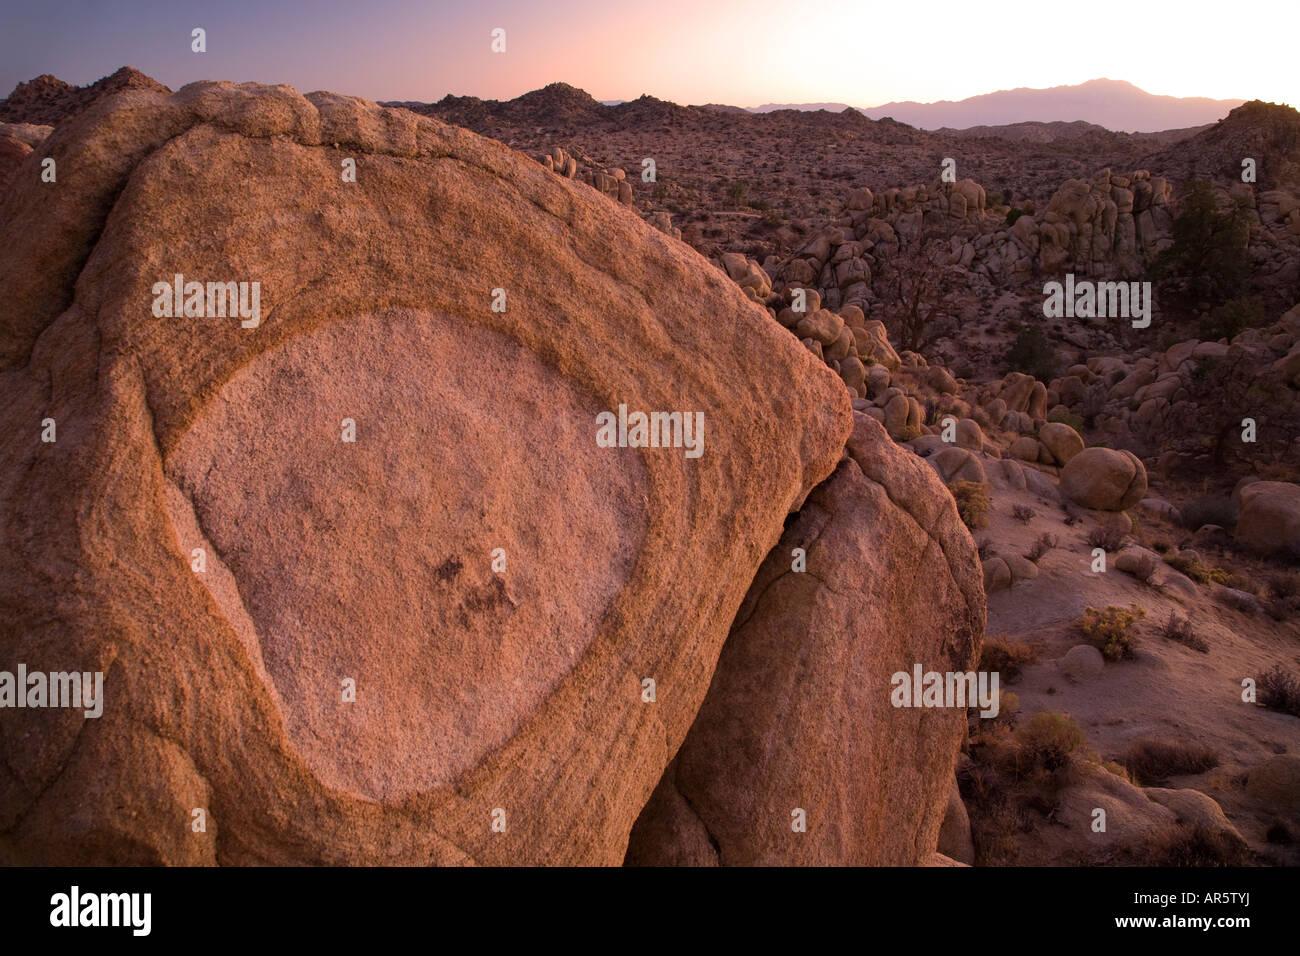 Mojave Desert near Pioneertown California - Stock Image